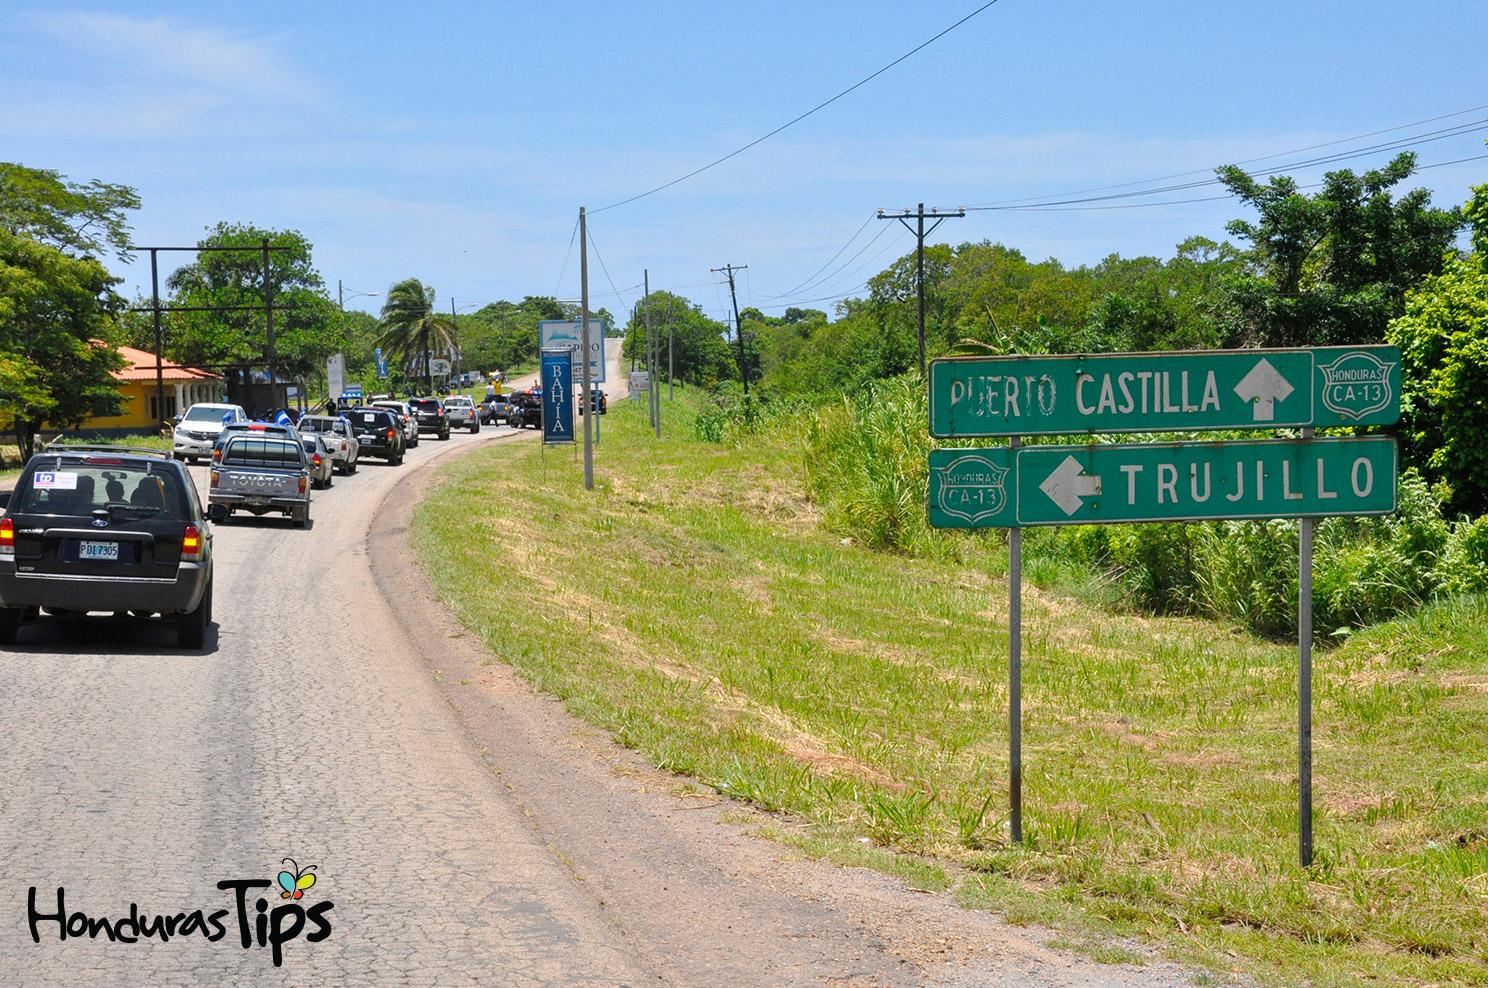 Caravana de Identidad llegó a territorio trujillano minutos después de mediodía. El clima fue ideal para la ciudad costeña.